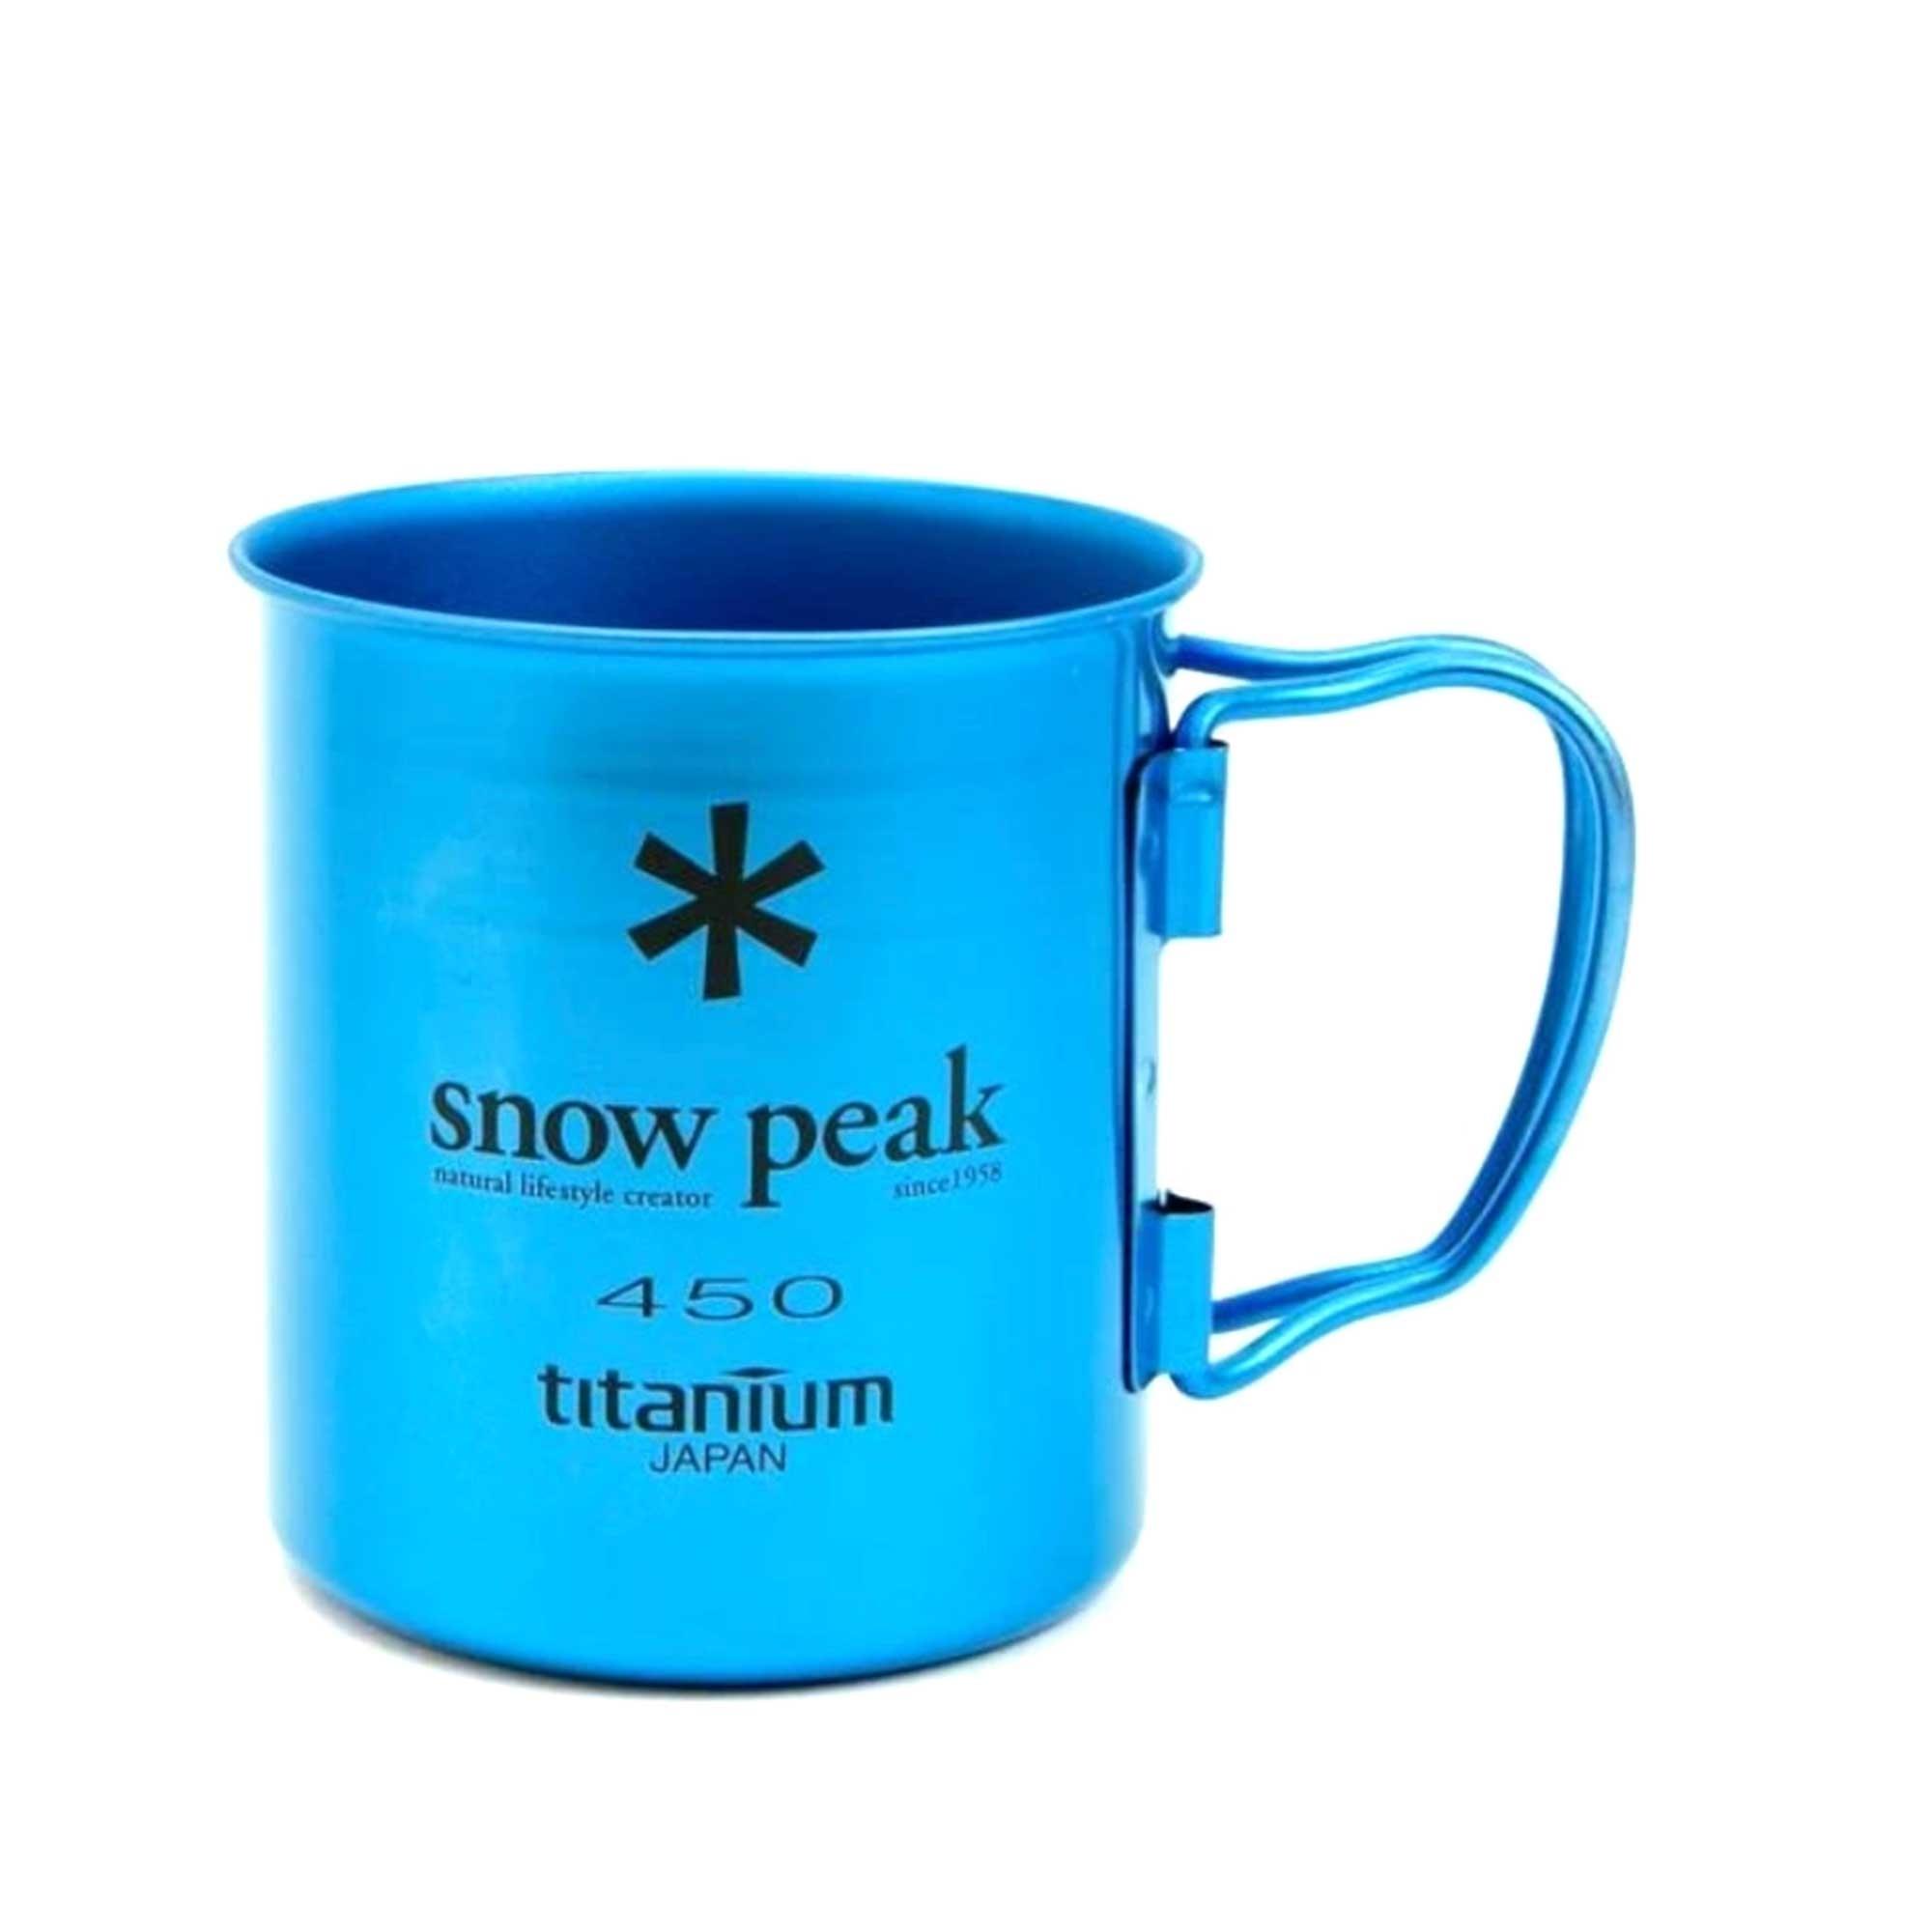 Snow Peak Titanium Mug Blue